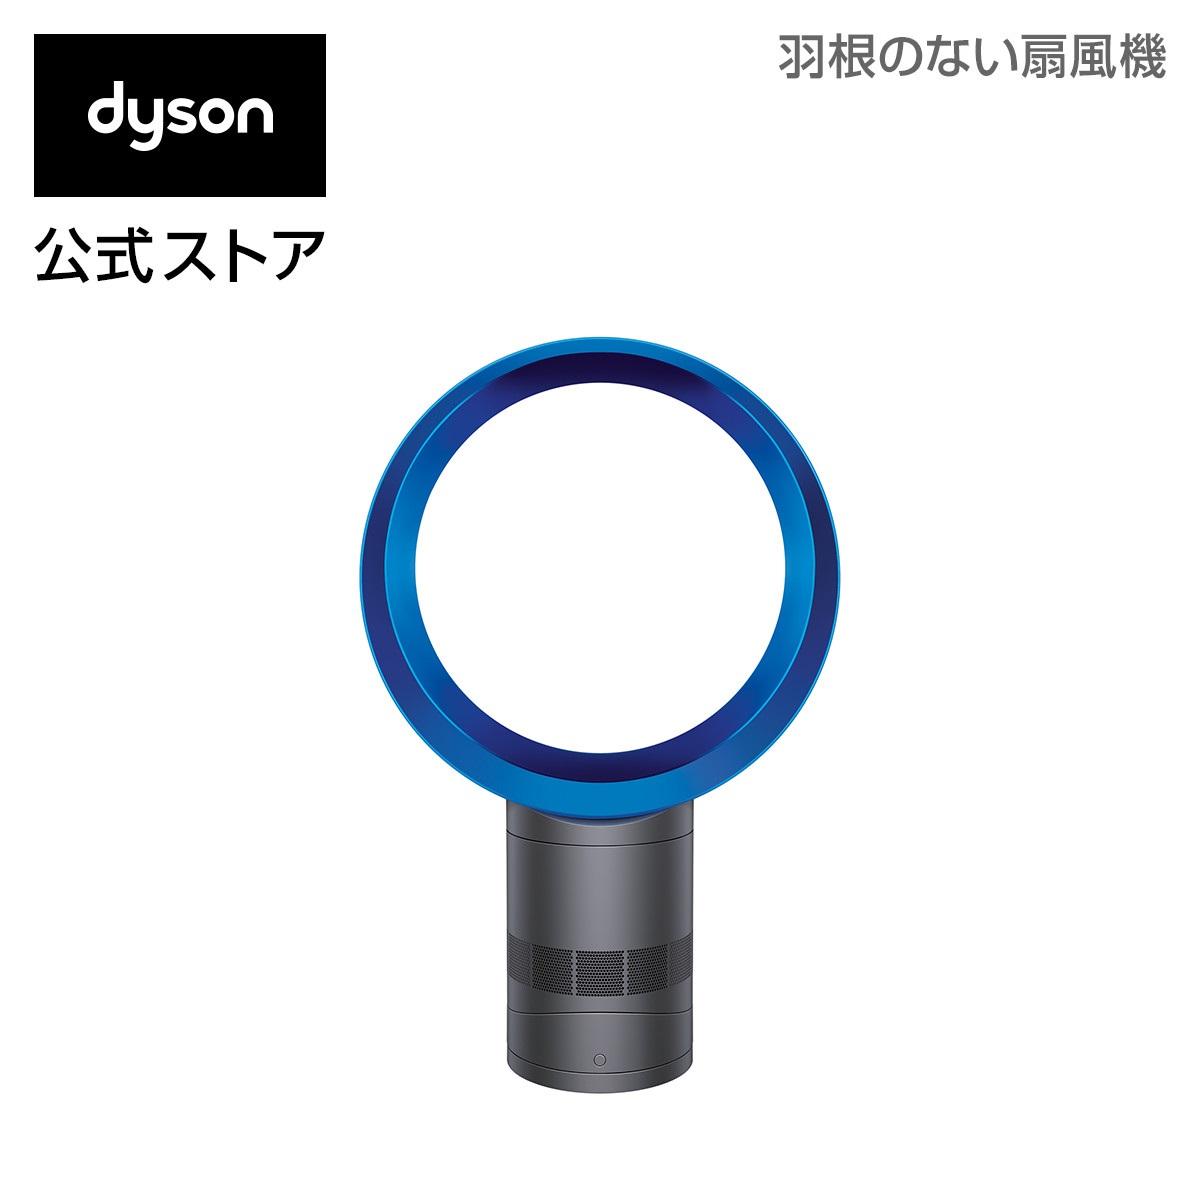 【クリアランス】ダイソン Dyson AM06 テーブルファン 扇風機 AM06 DC 30 IB アイアン/サテンブルー 【新品/メーカー2年保証】